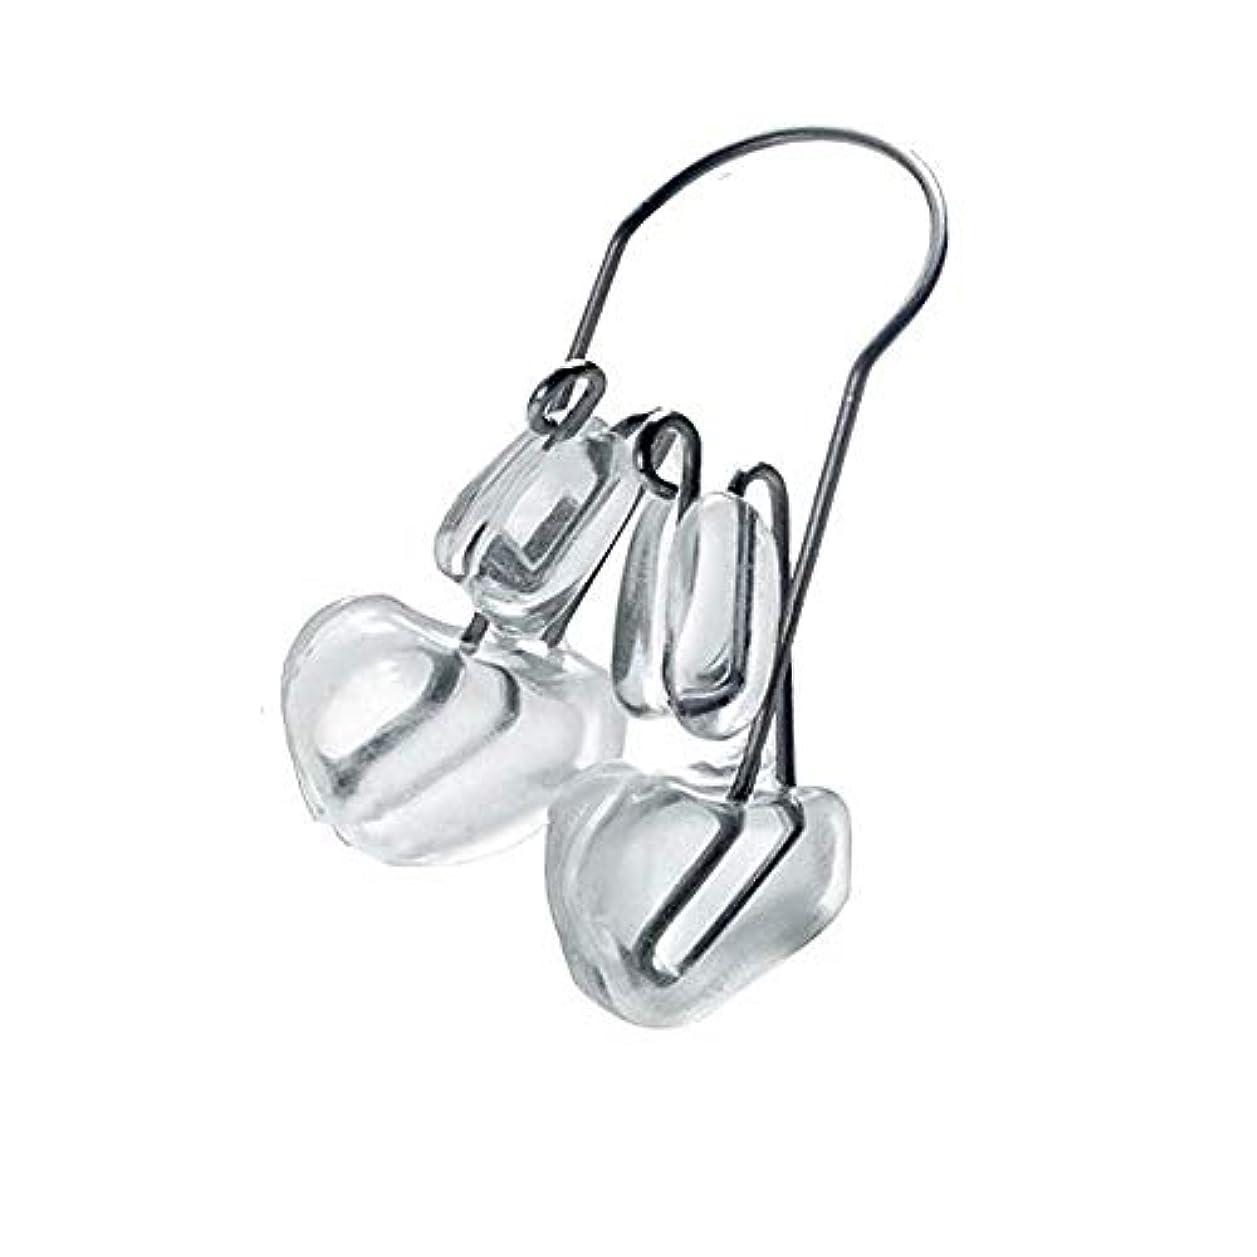 健康エアコン努力鼻筋セレブ ノーズアップピン ノーズアップないノーズアップピンピン ズレない ノーズアップピン 簡単 美鼻 整う 矯正